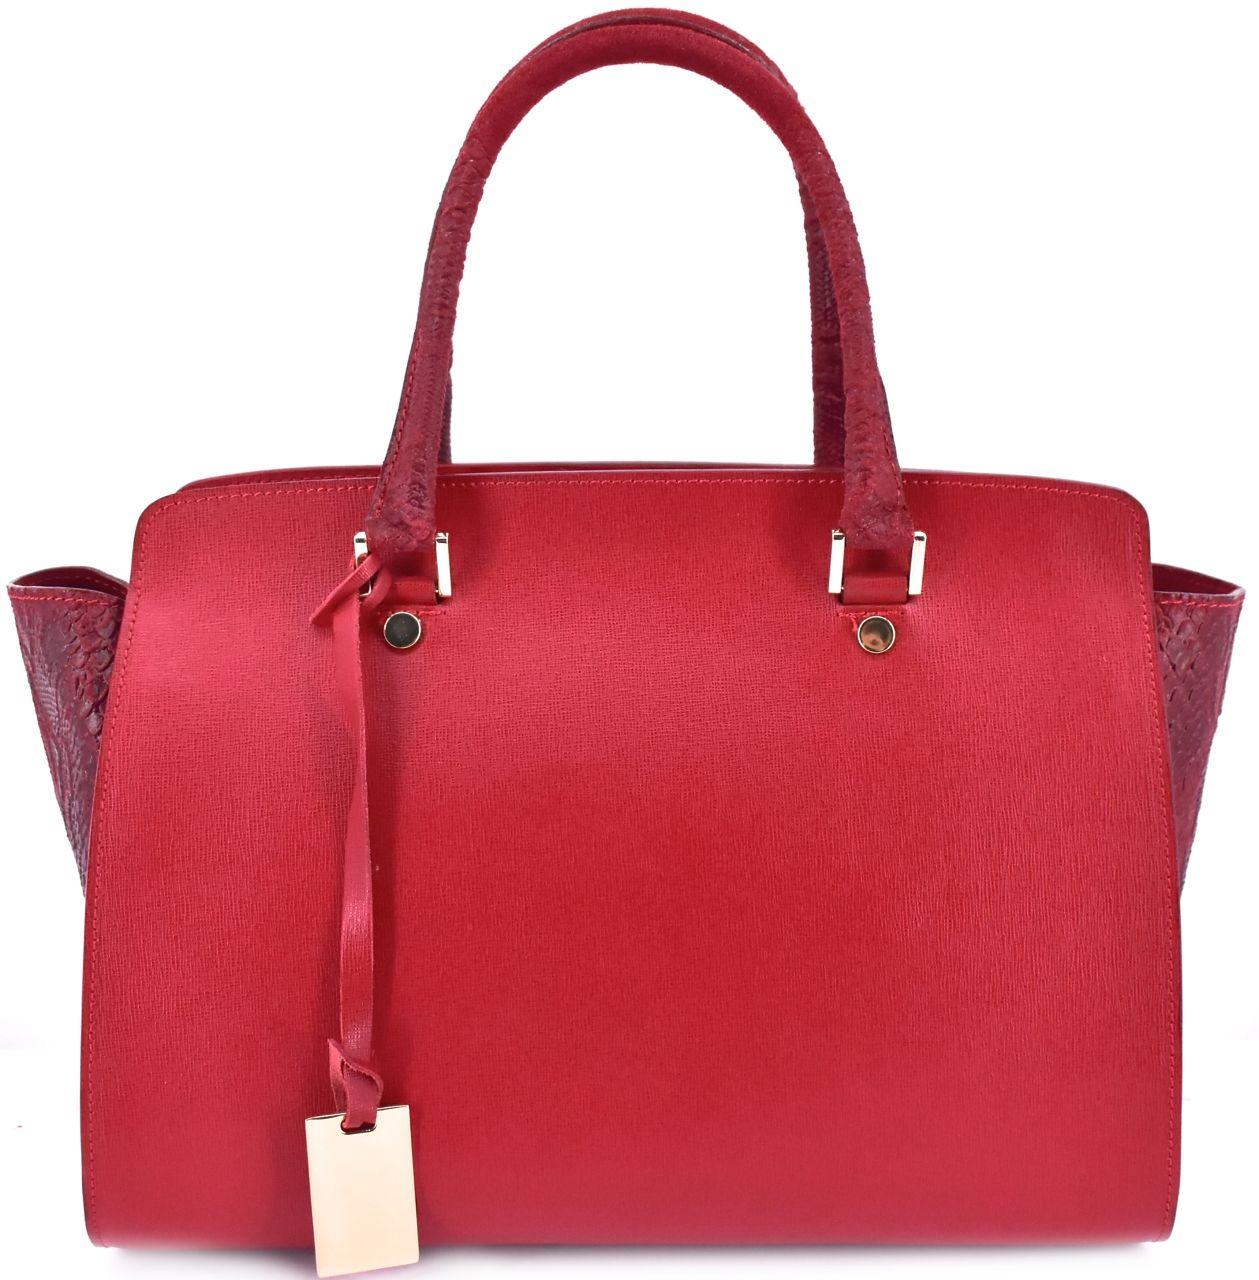 Luxusní dámská kožená kabelka Shopper - červená 31015